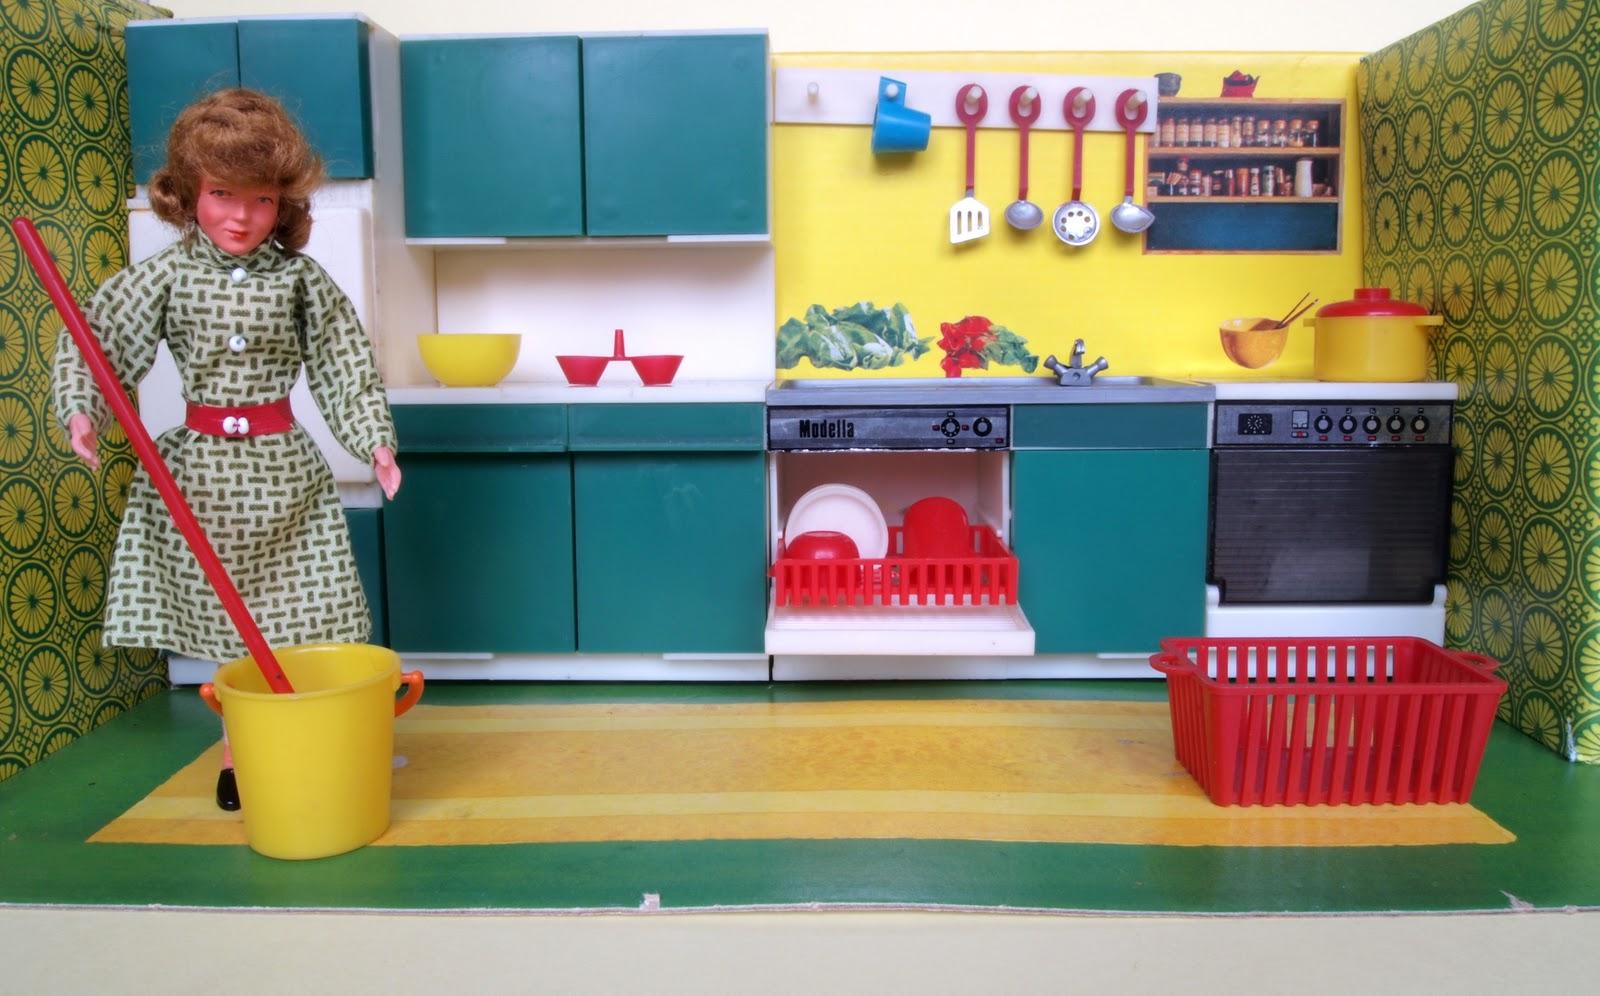 diePuppenstubensammlerin Doppelzimmer  1973 Modella  ~ Geschirrspülmaschine Probleme